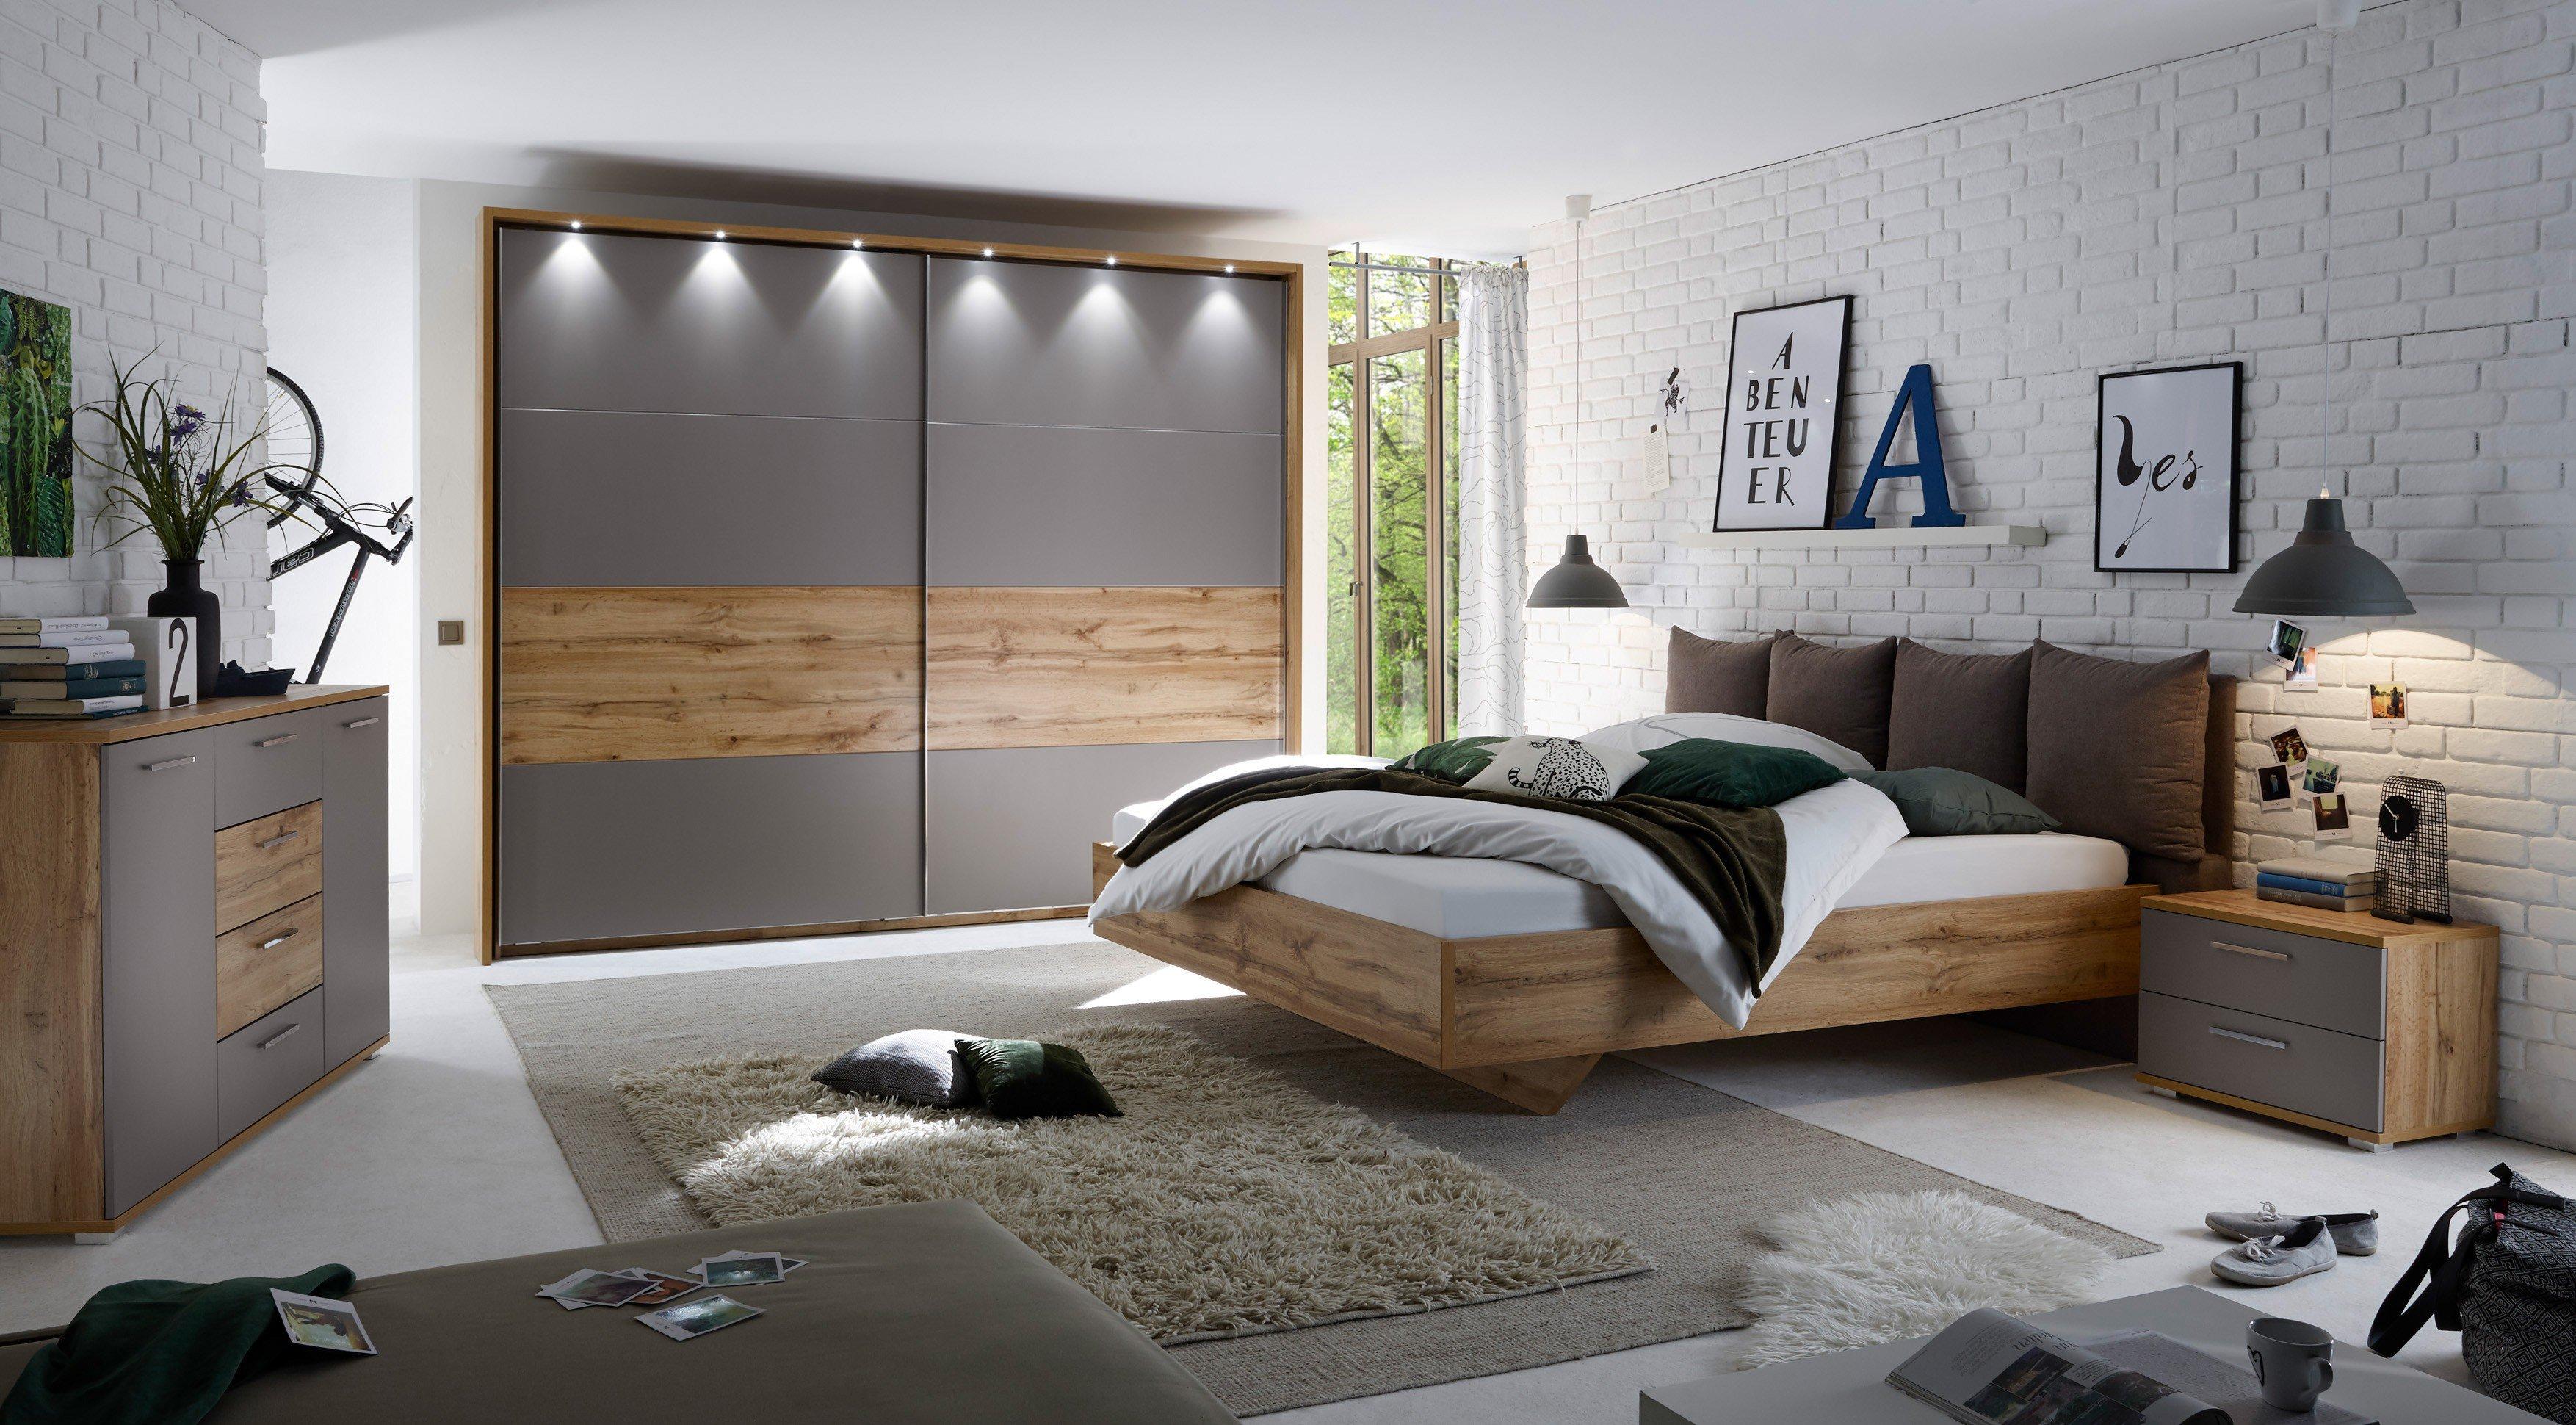 SchlafKONTOR Delta Schlafzimmer Wildeiche - basalt | Möbel Letz ...